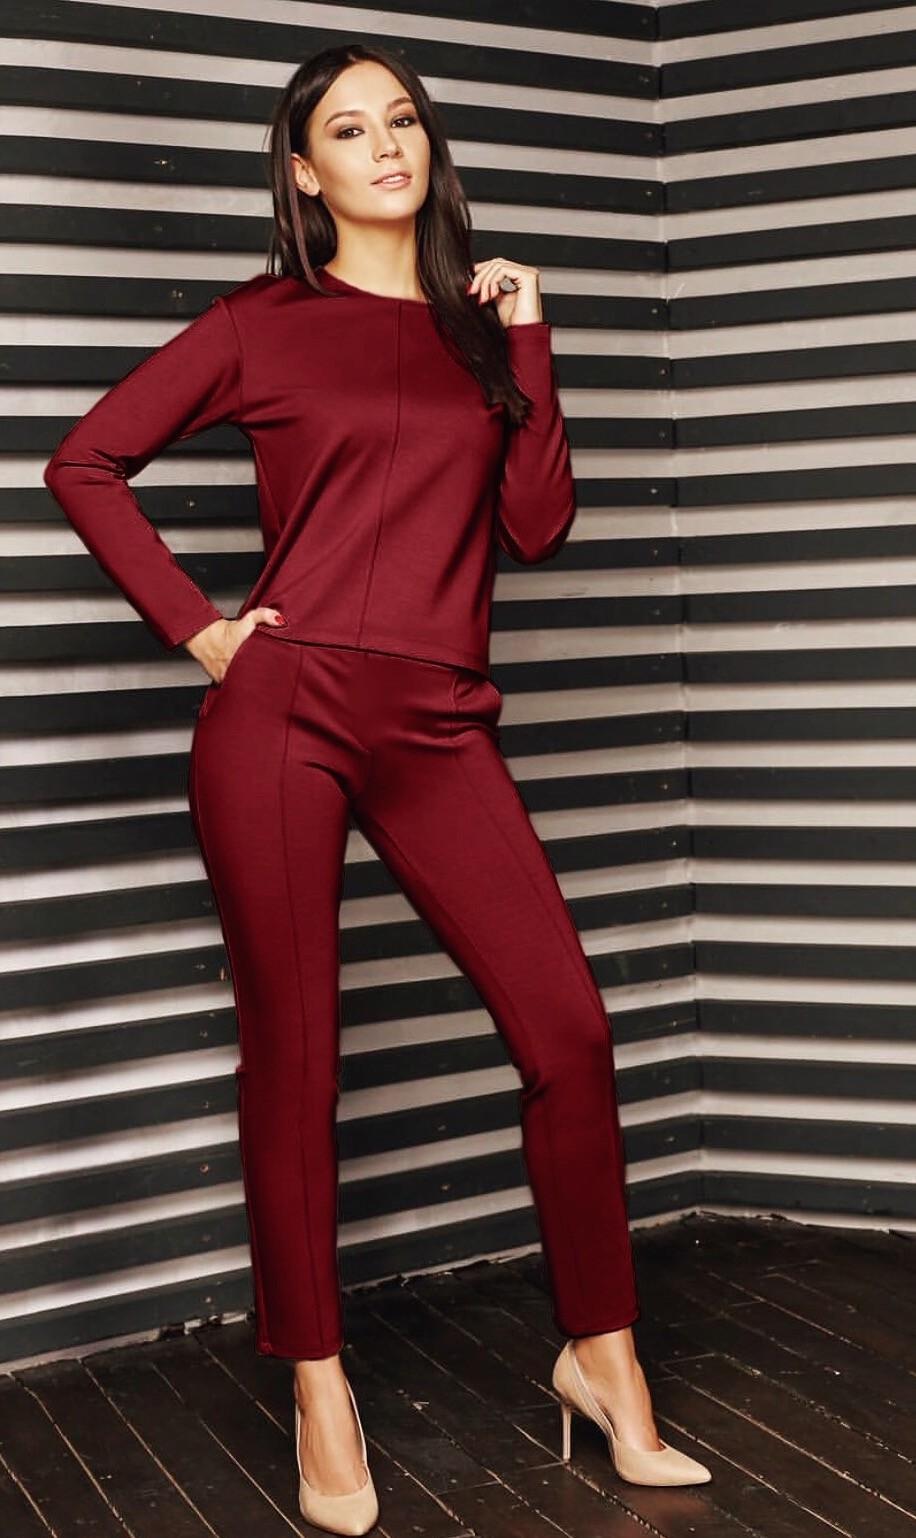 женские брючные костюмы 2018